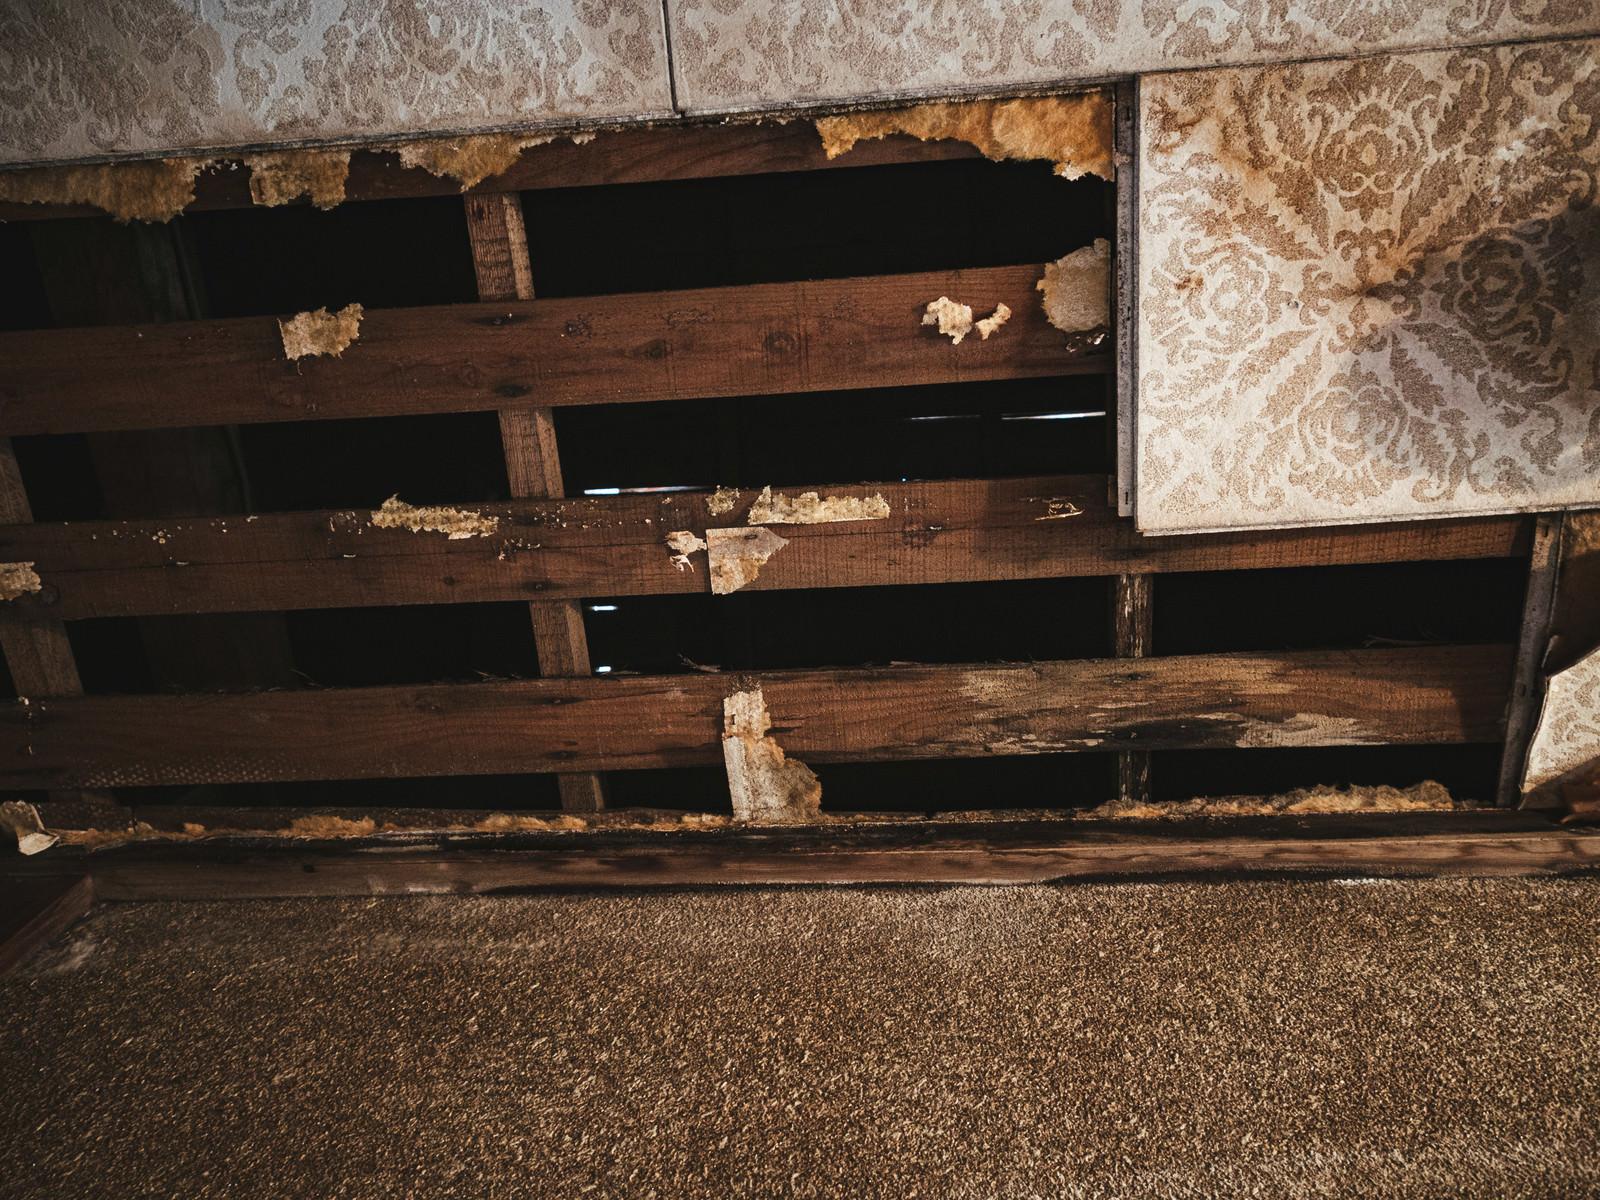 「木造家屋の剥がれ落ちた天井」の写真